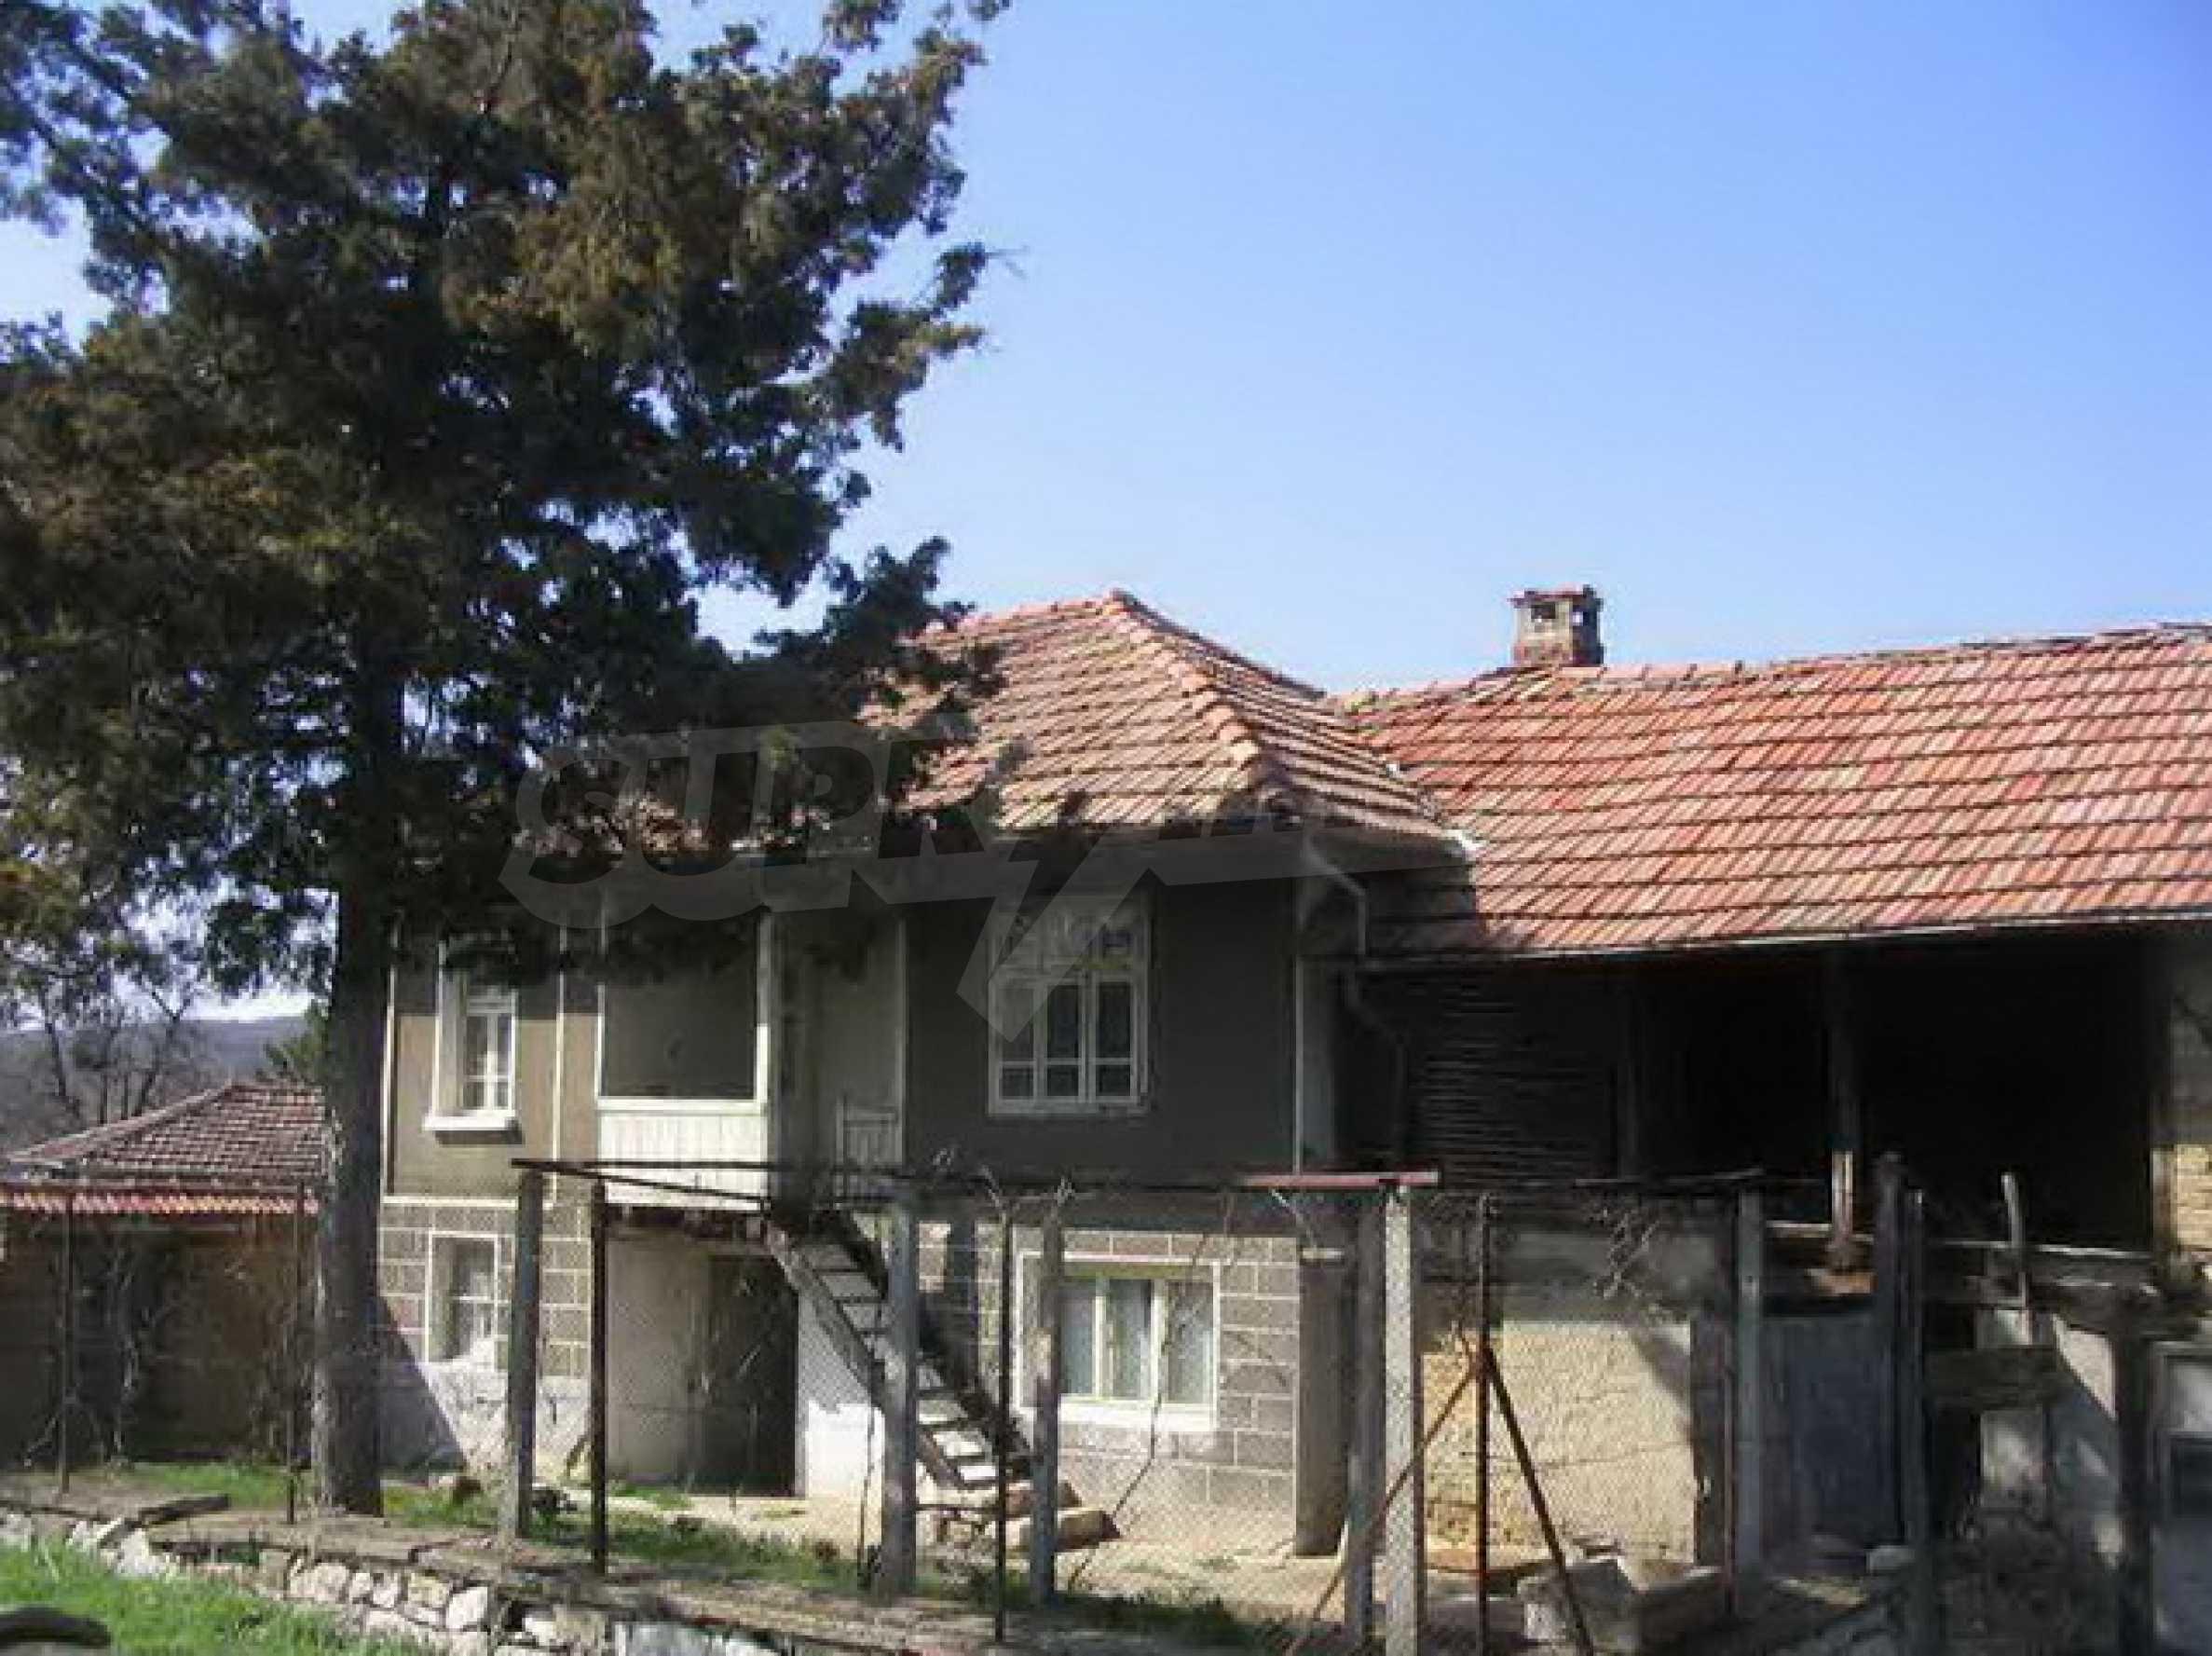 Двуетажна къща само на 25 км. от град Велико Търново